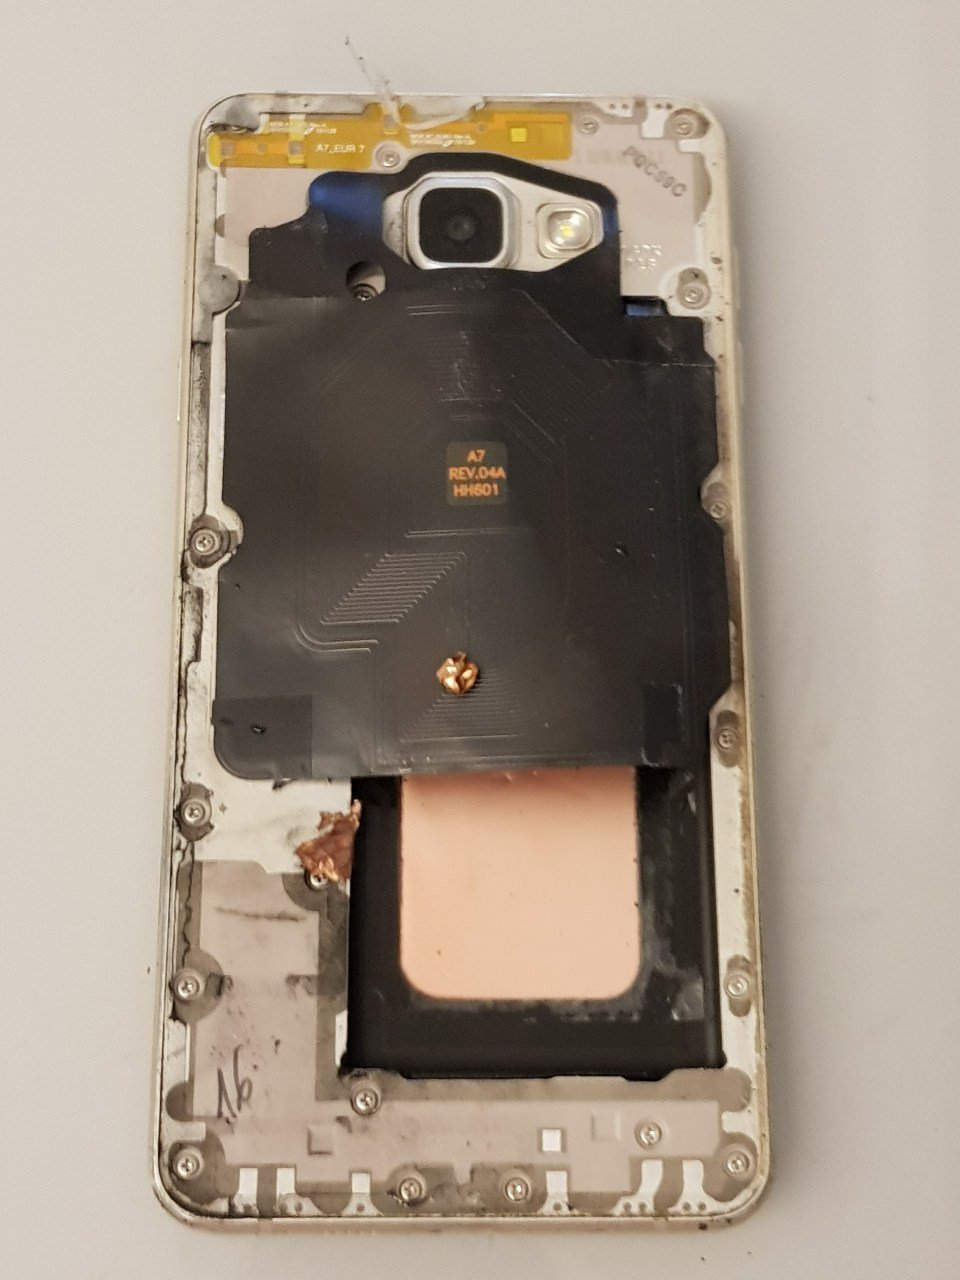 民眾手機爆炸,背蓋炸飛,但是手機本體沒有大礙。 圖擷自PTT